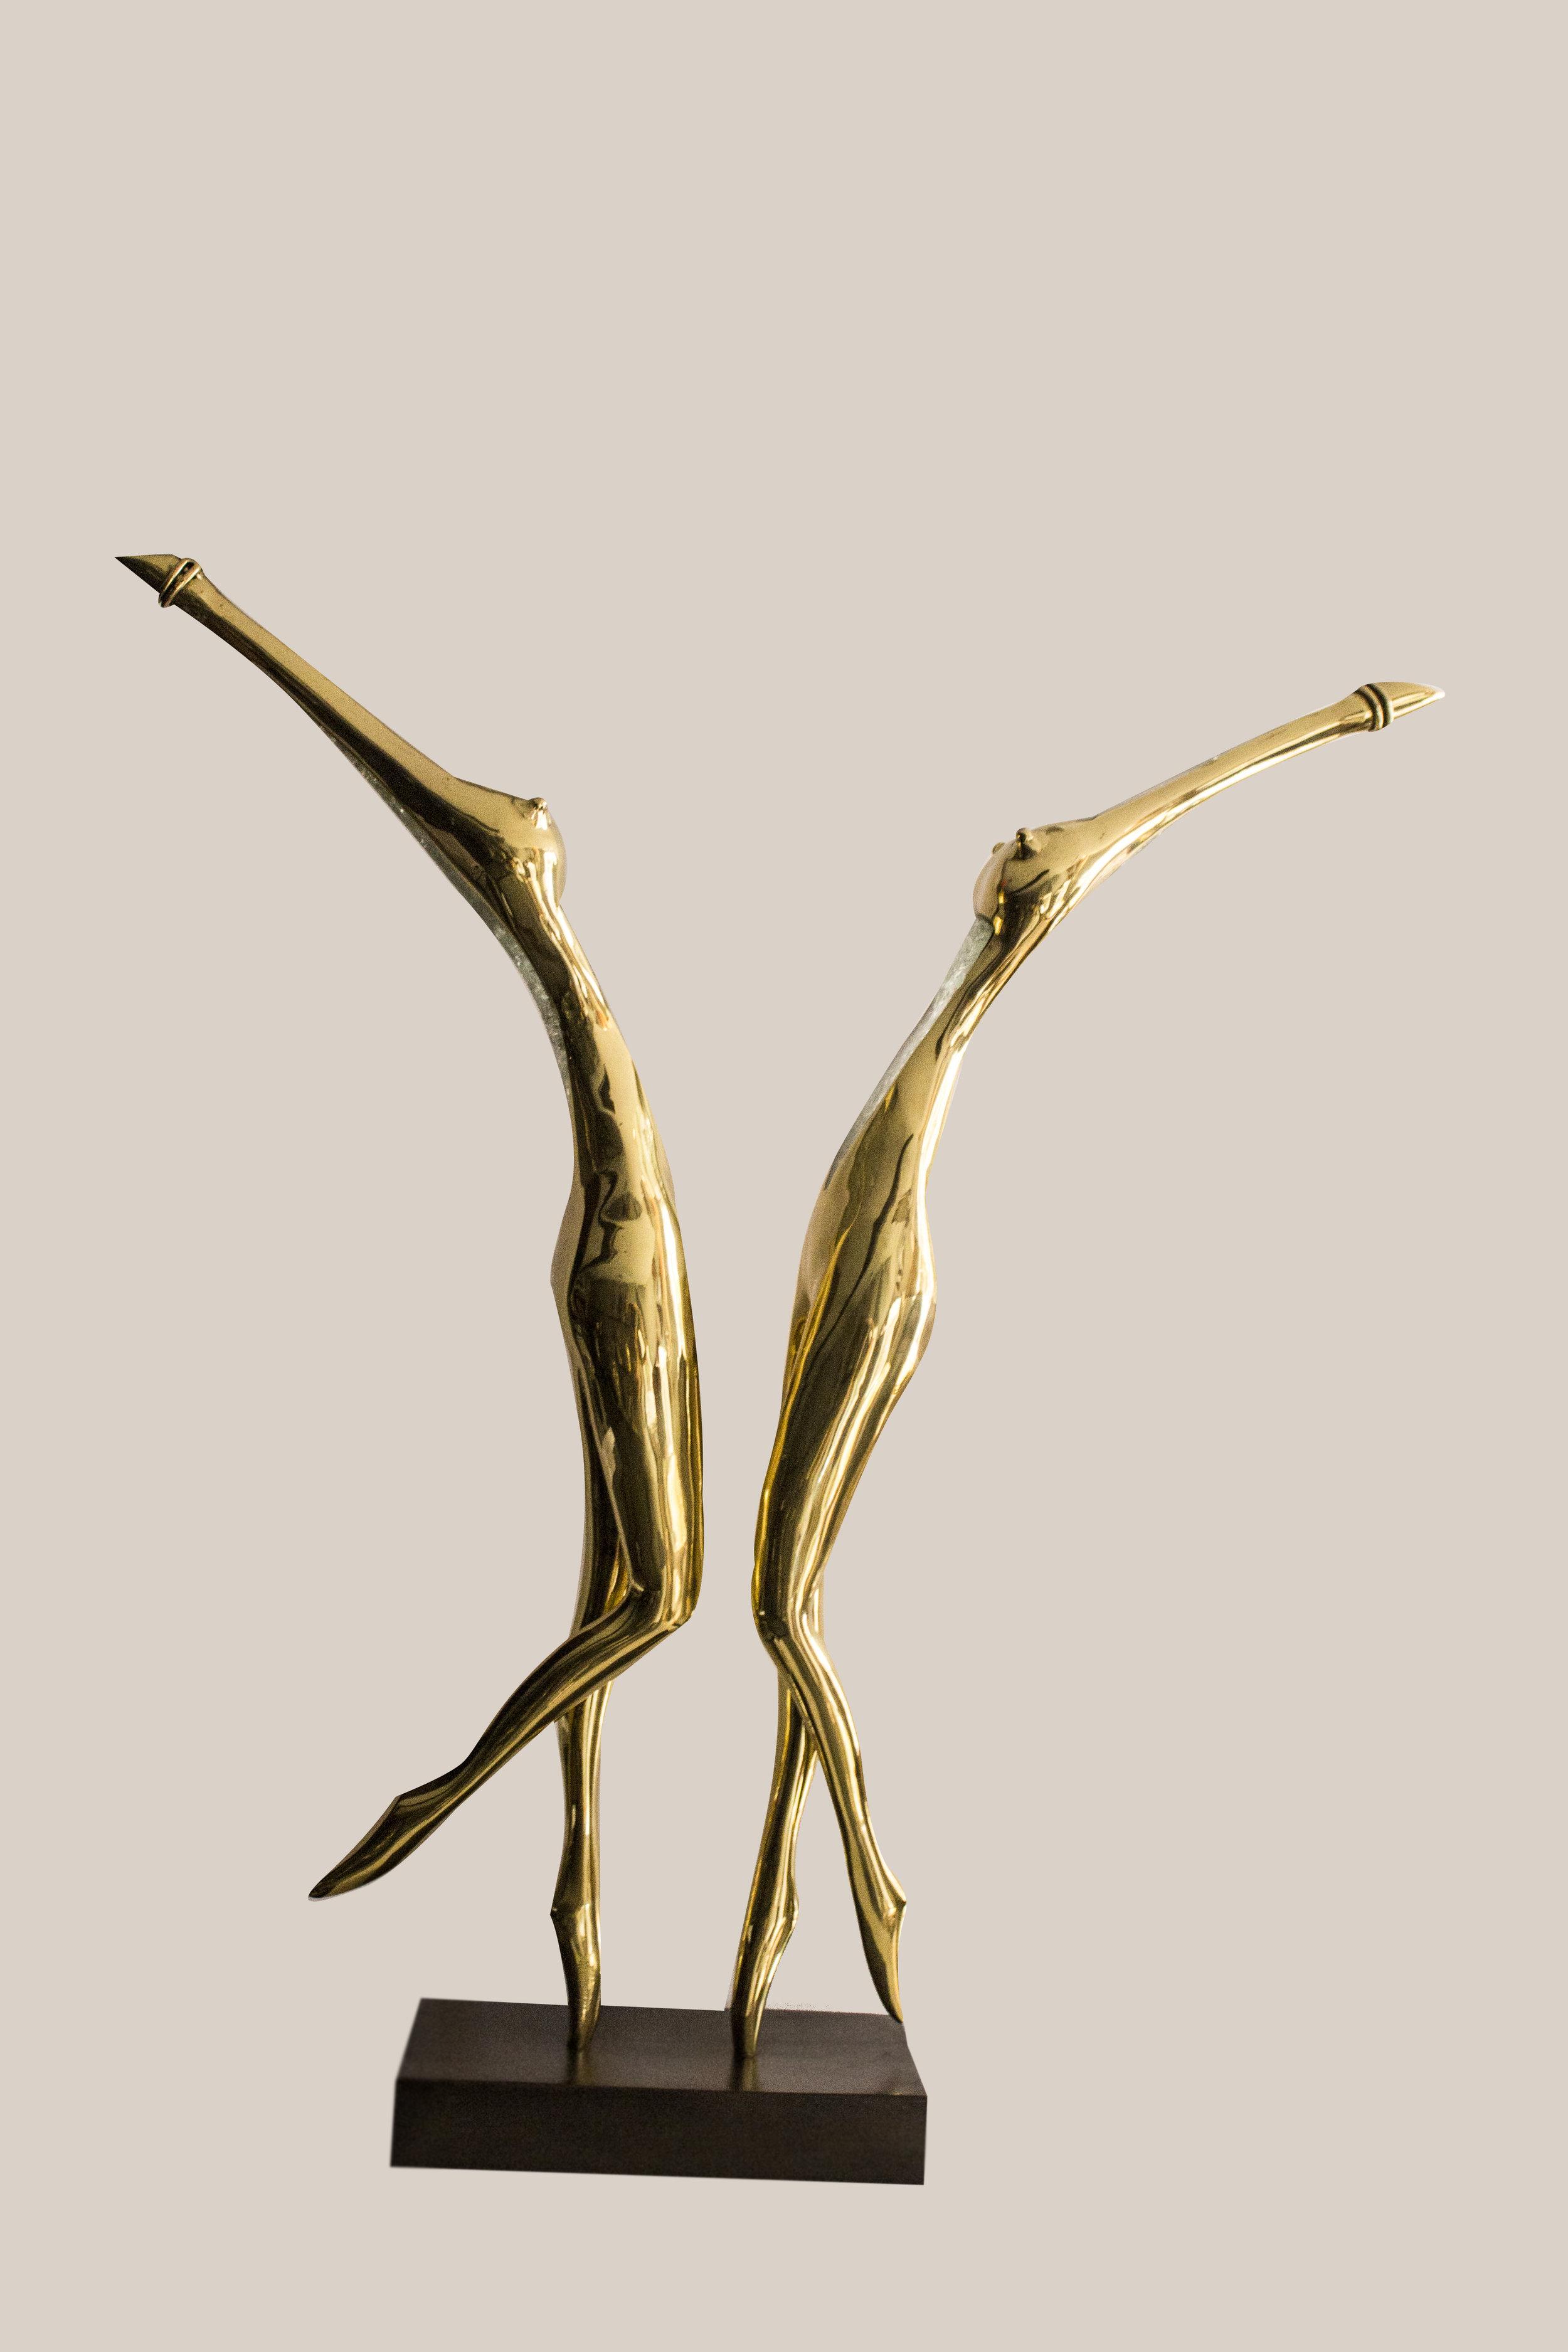 BeBop - 2012Brass and glassH: 70 cm